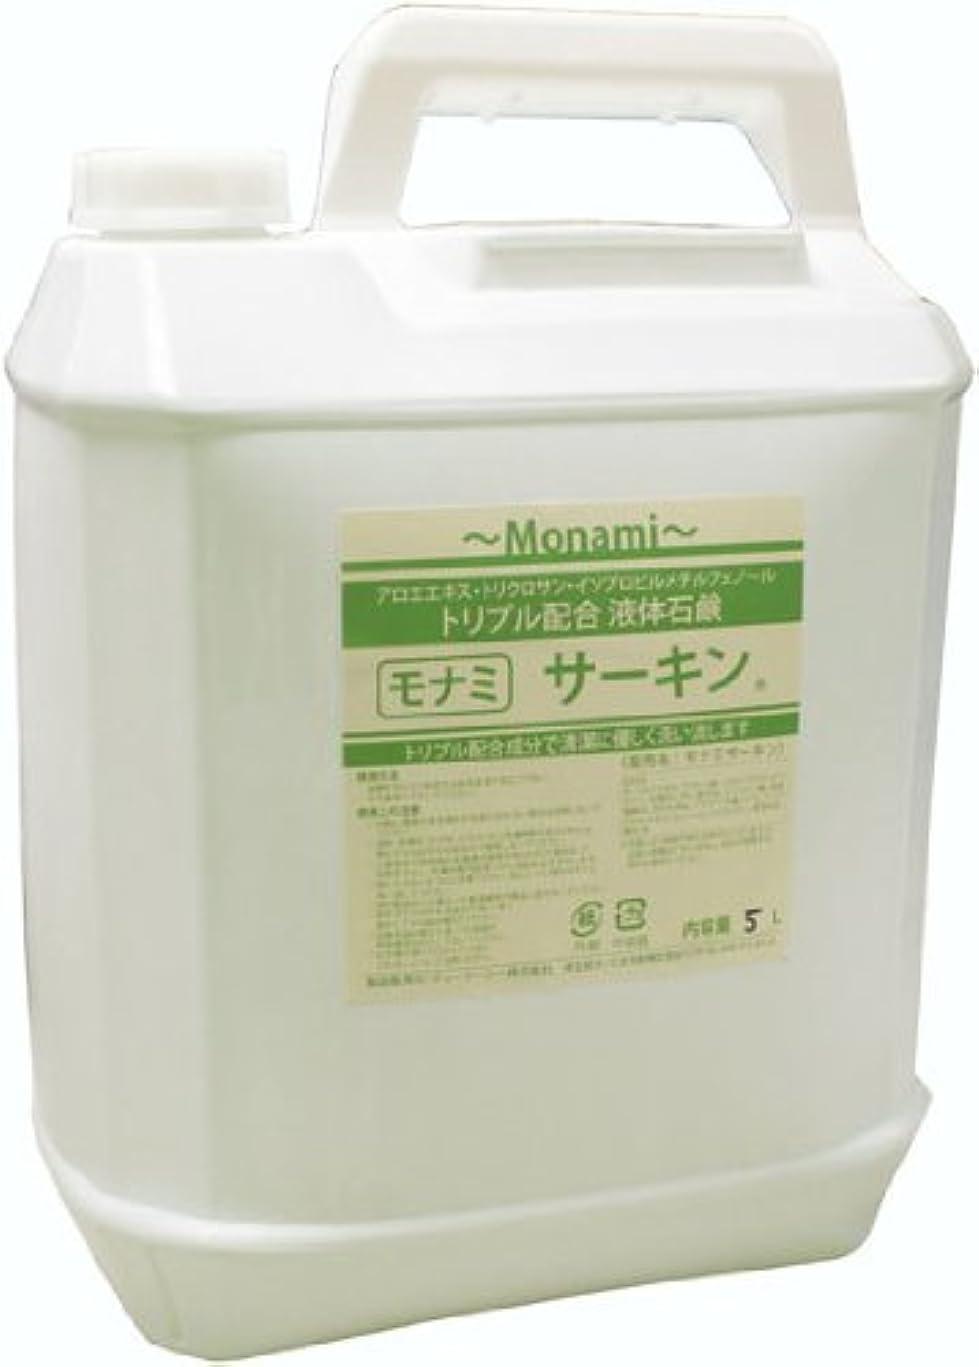 静脈ノミネート寝る保湿剤配合業務用液体ソープ「モナミ サーキン5L」アロエエキス、トリクロサン、イソプロピルメチルフェノール配合